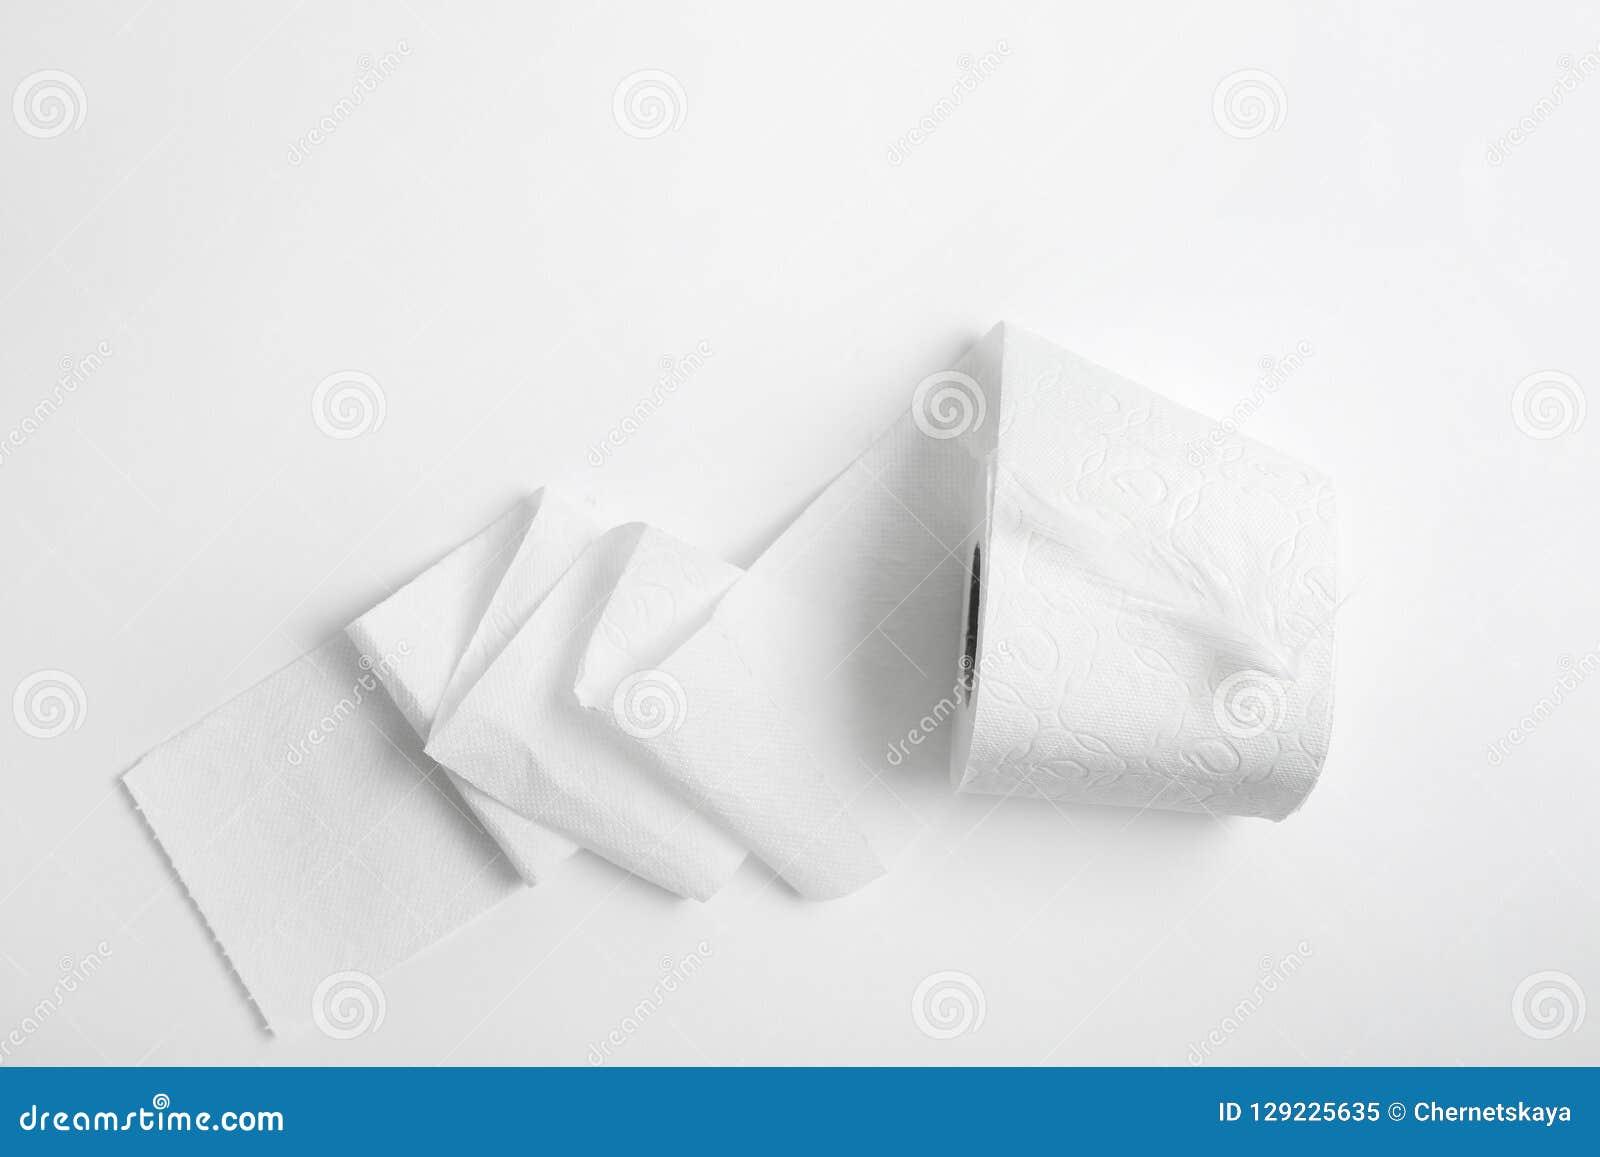 Broodje van toiletpapier met veer op witte achtergrond